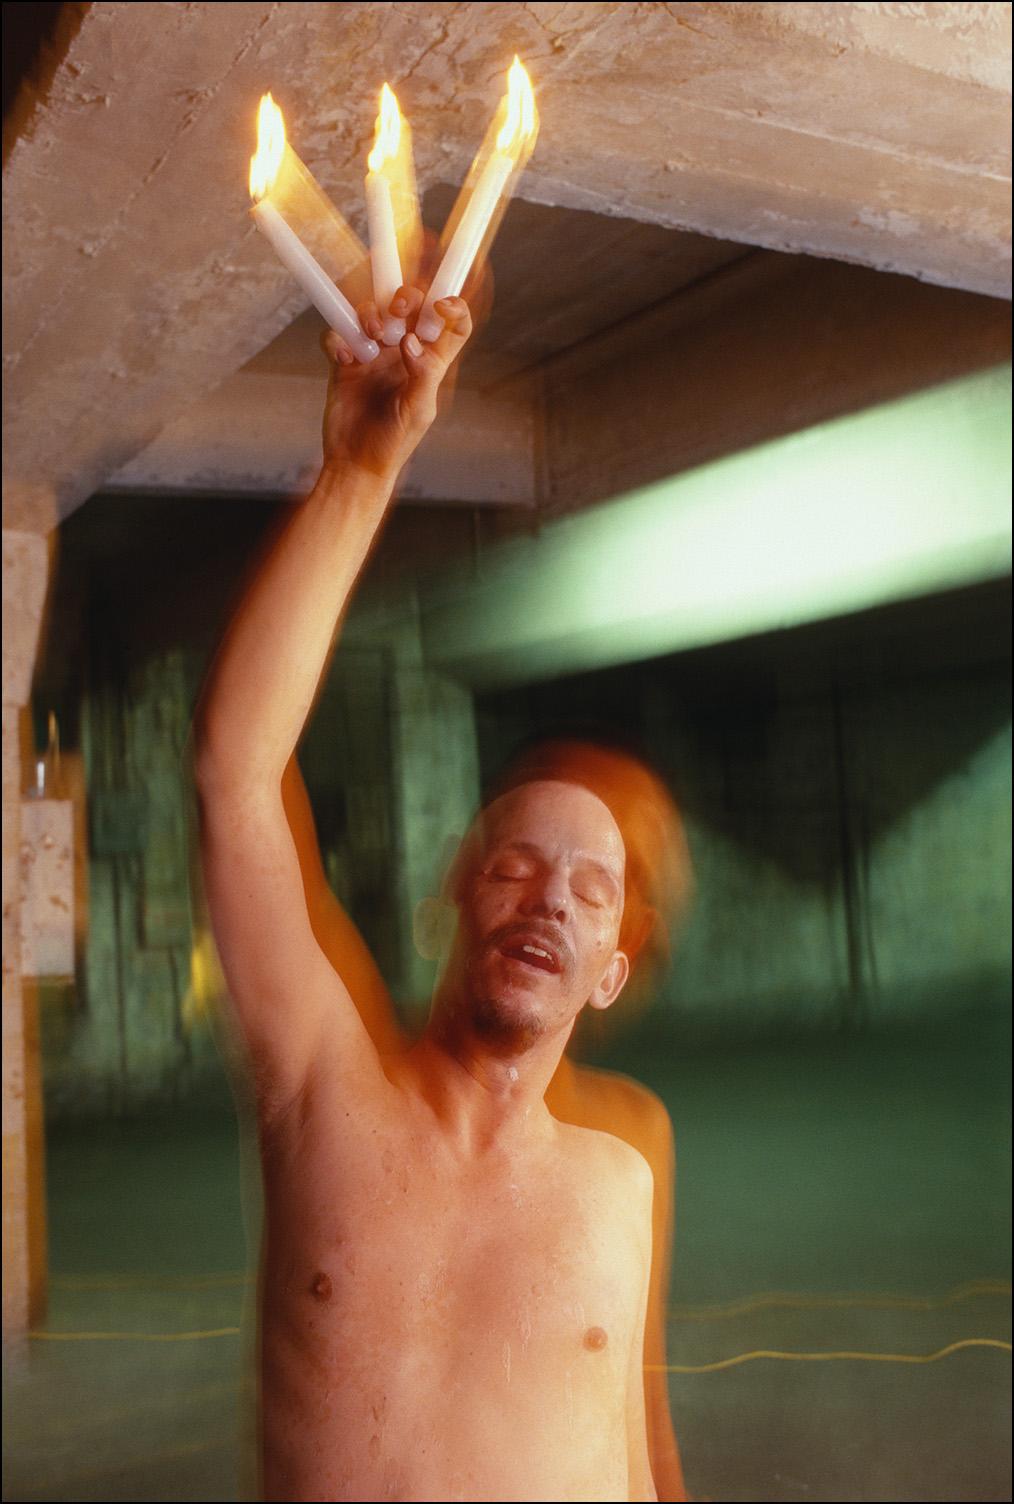 Ed at the Playhouse Garage, 2000